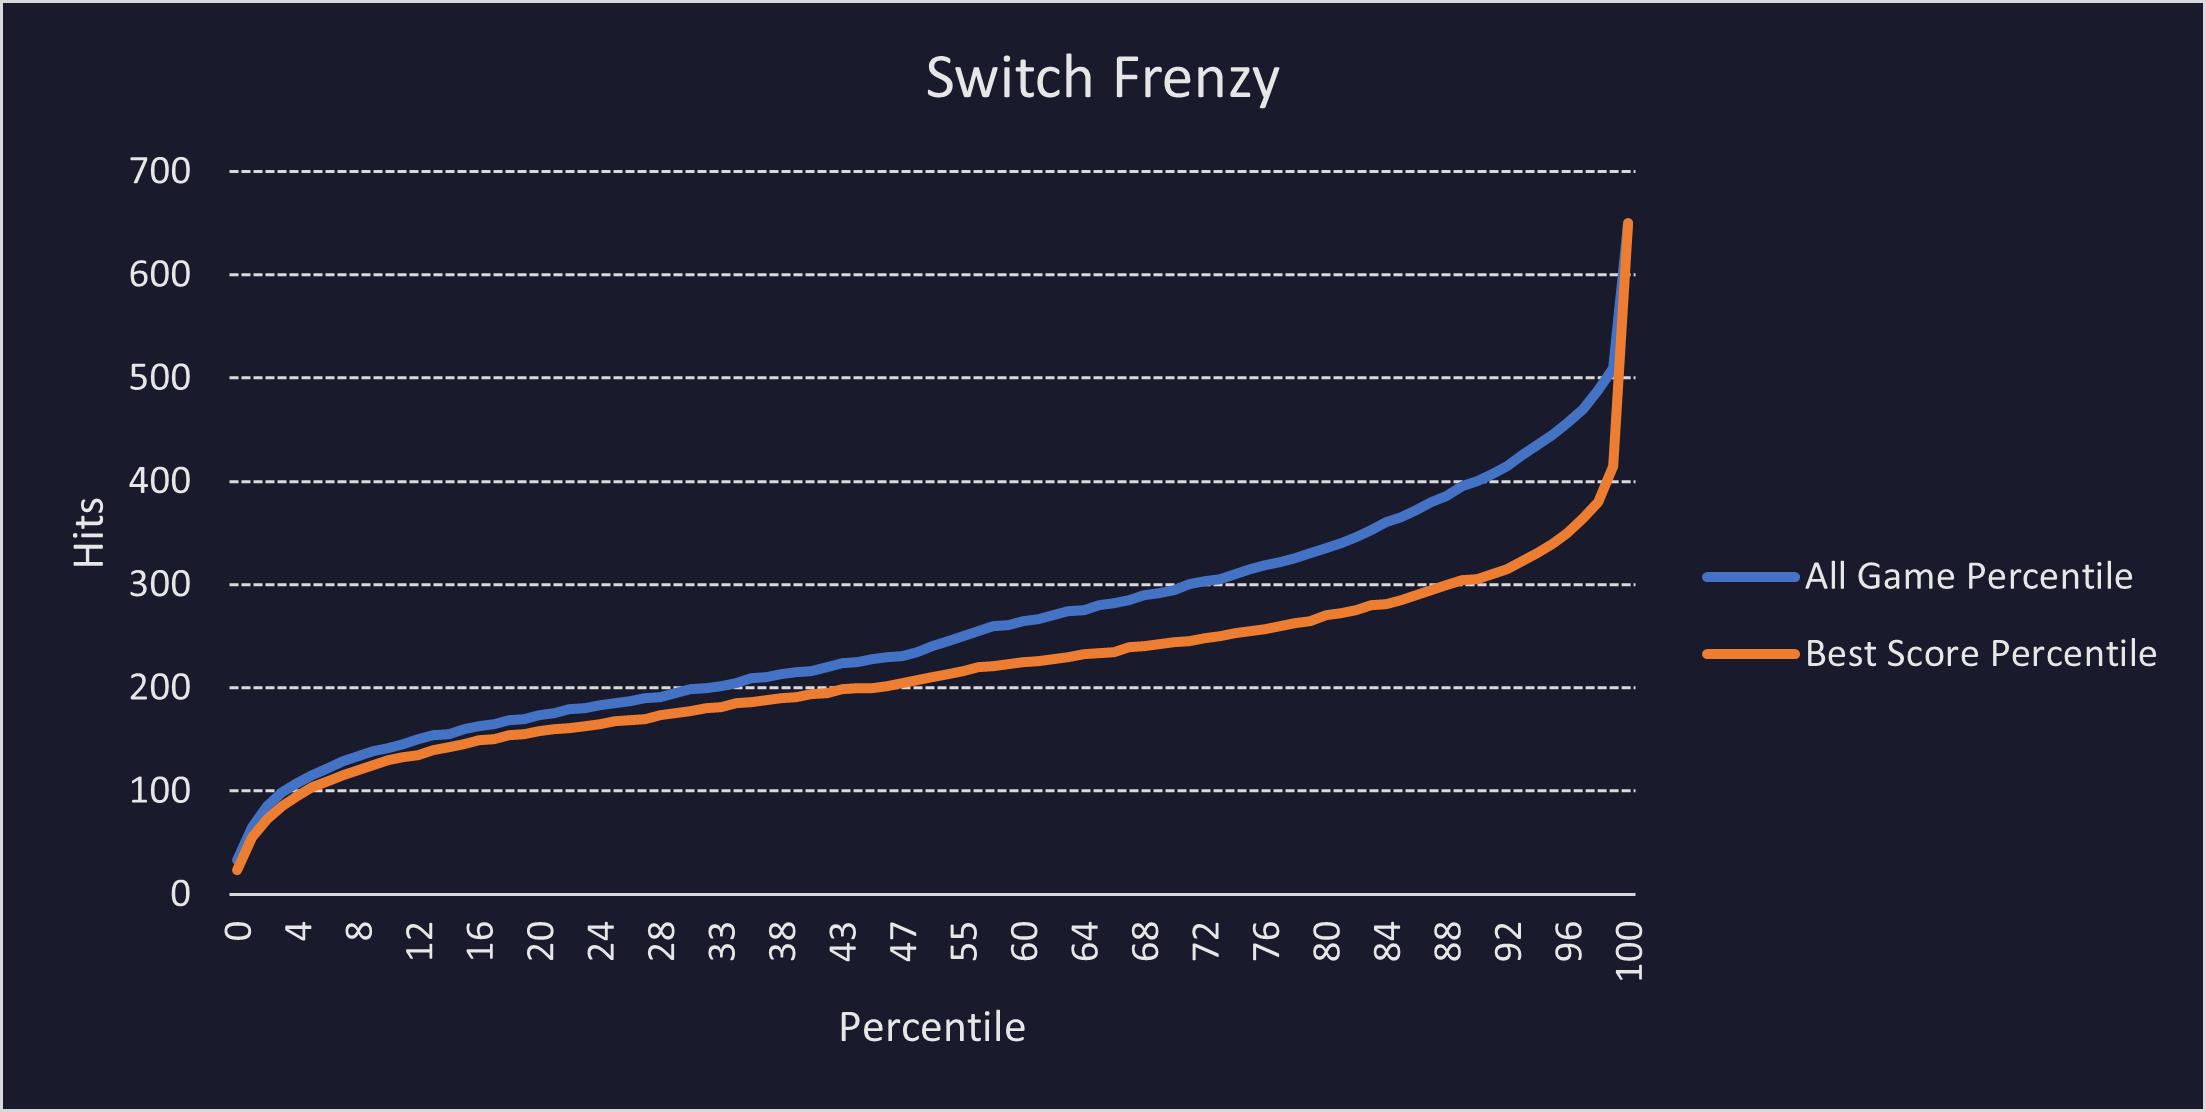 Switch Frenzy